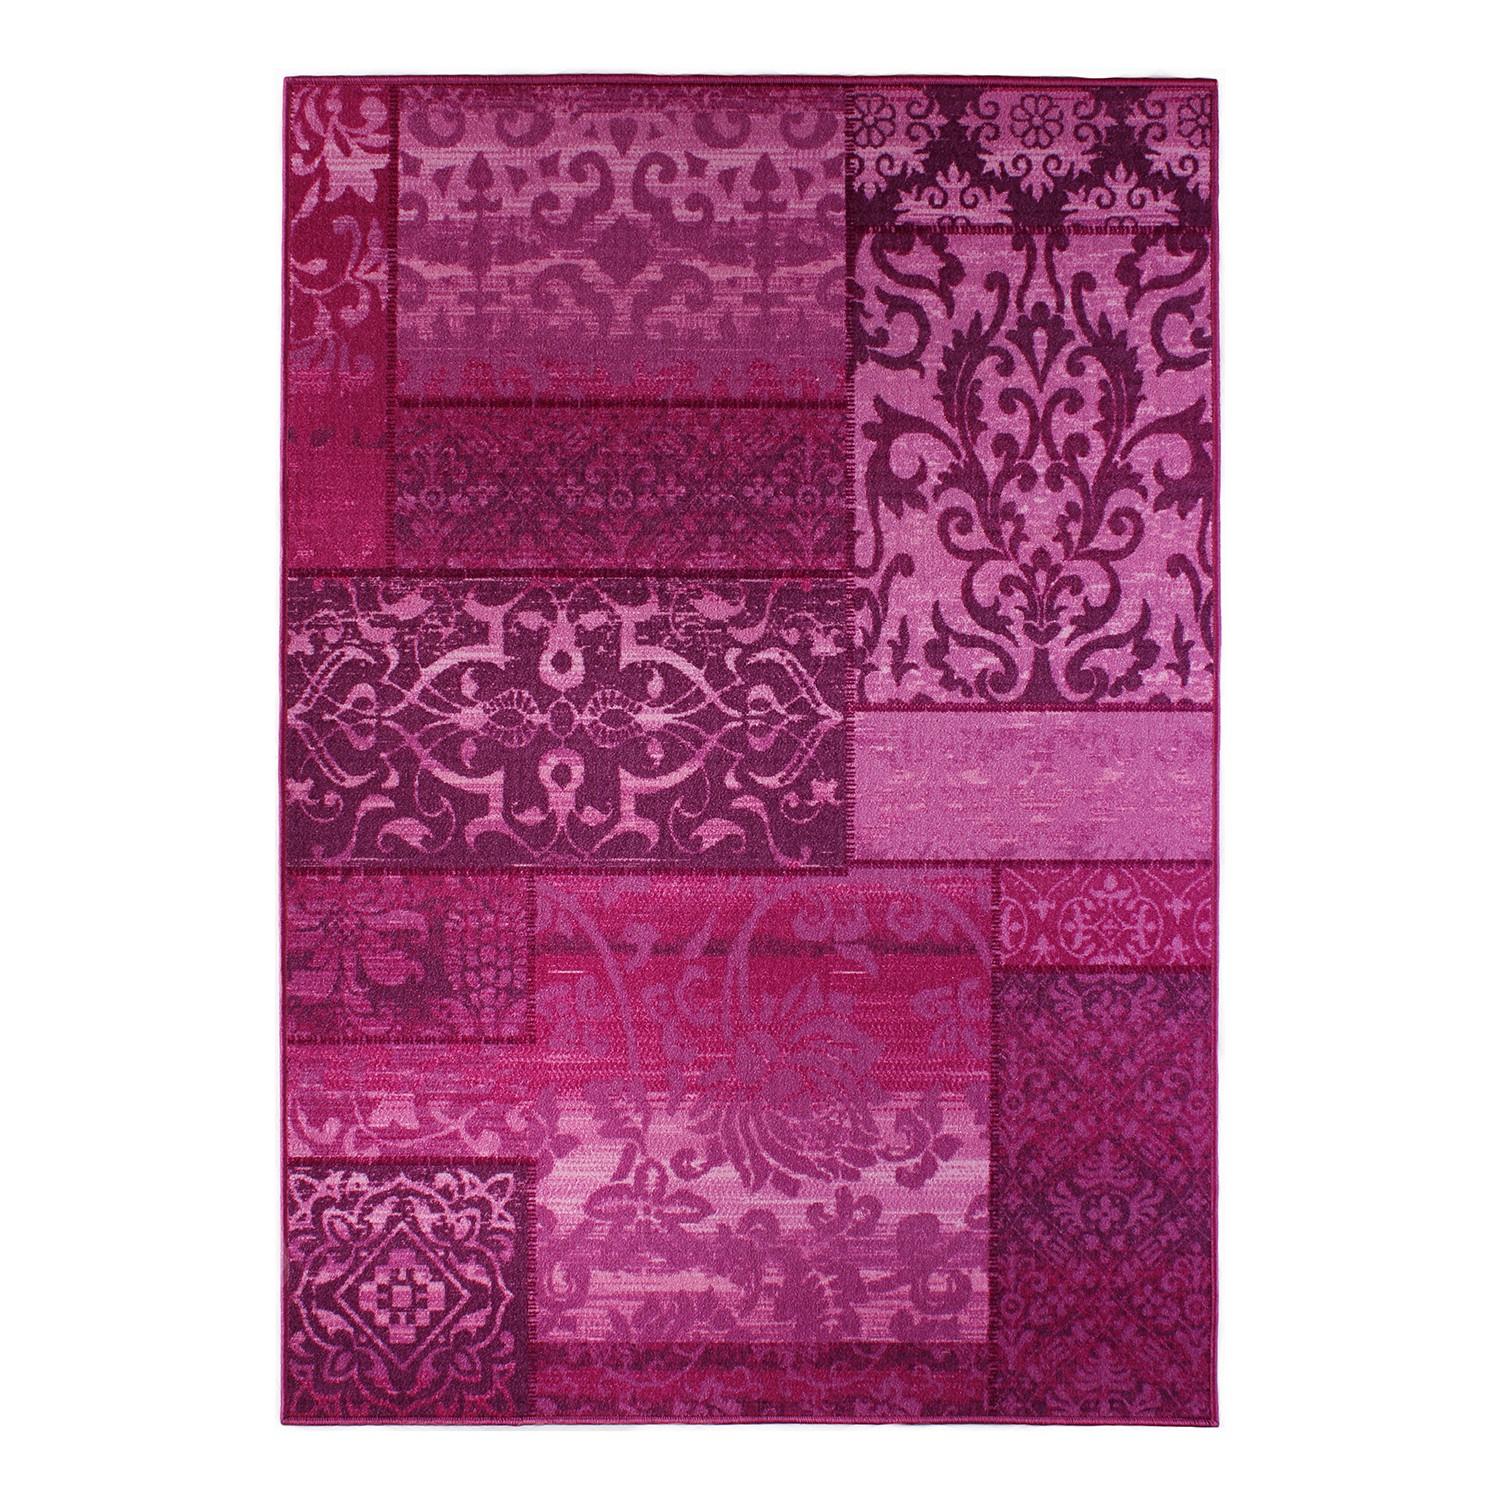 Vloerkleed Aventura - roze - 160x230cm, andiamo